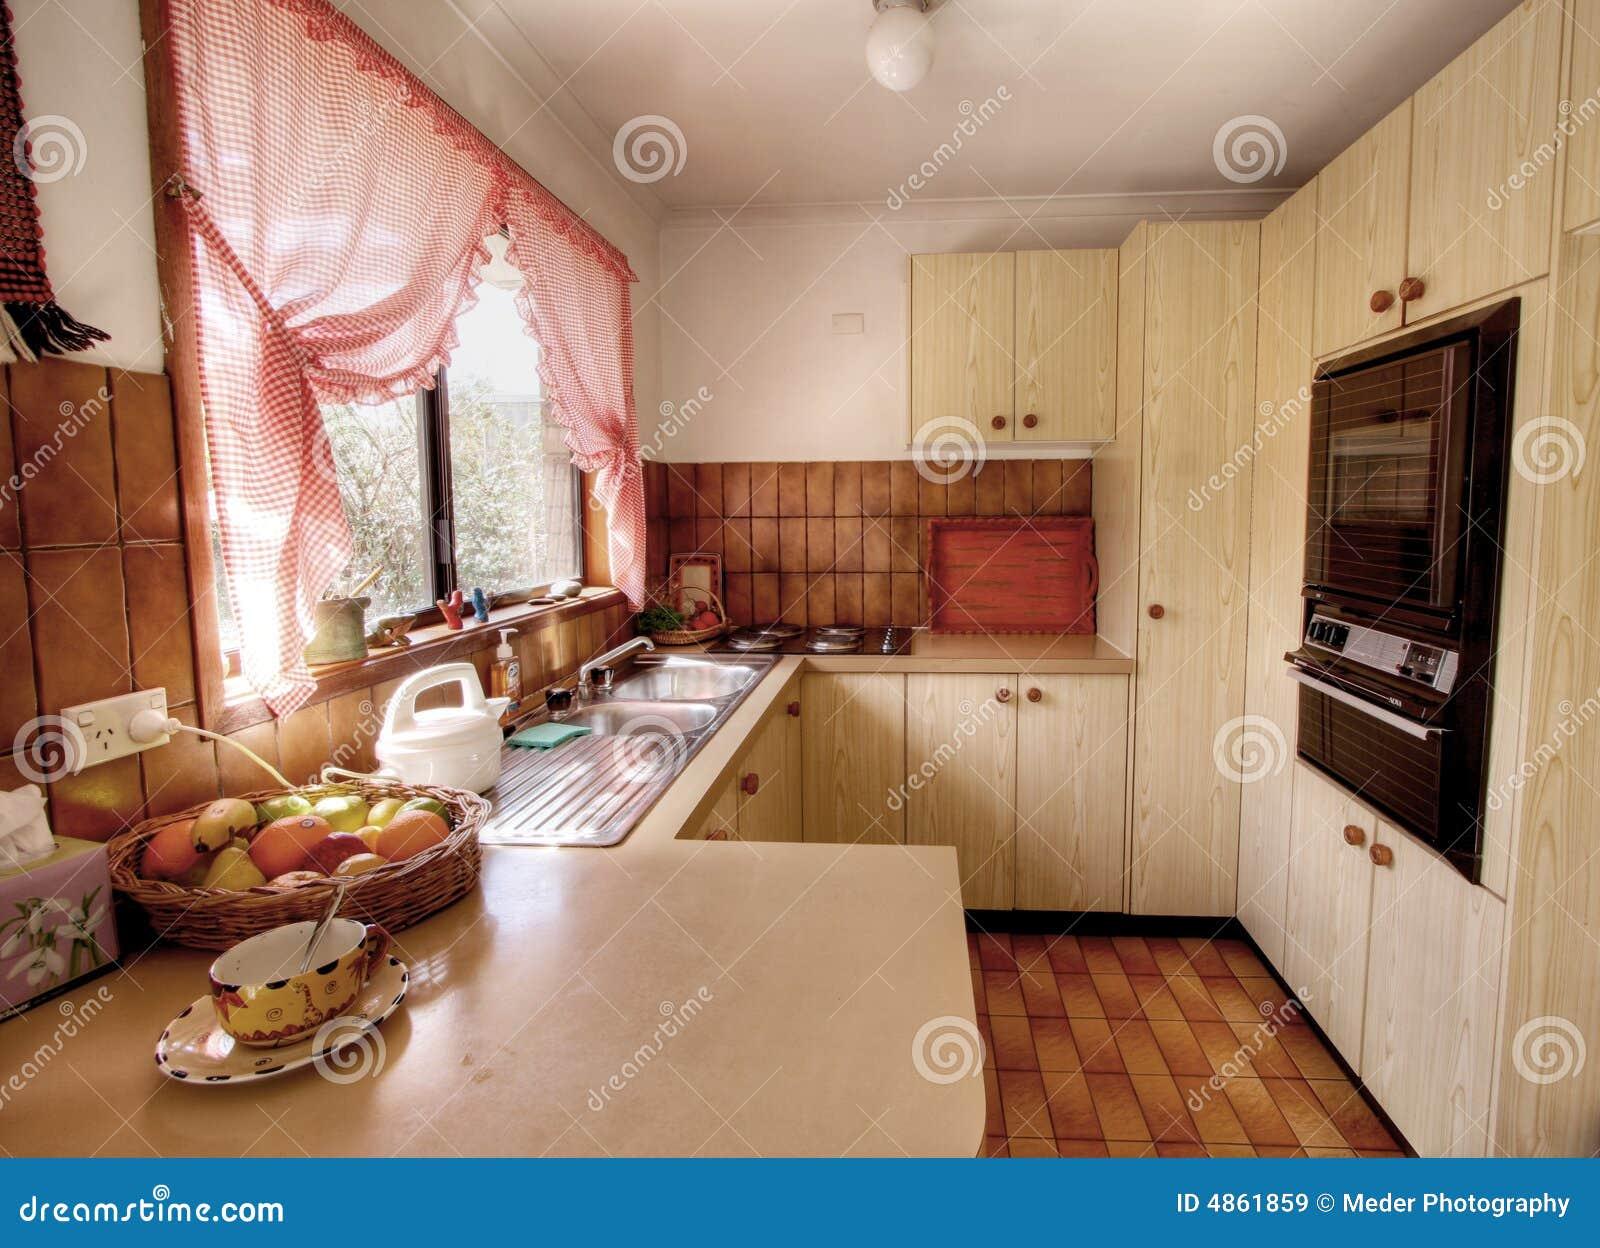 Kleine moderne Küche stockbild. Bild von pergola, draußen - 4861859